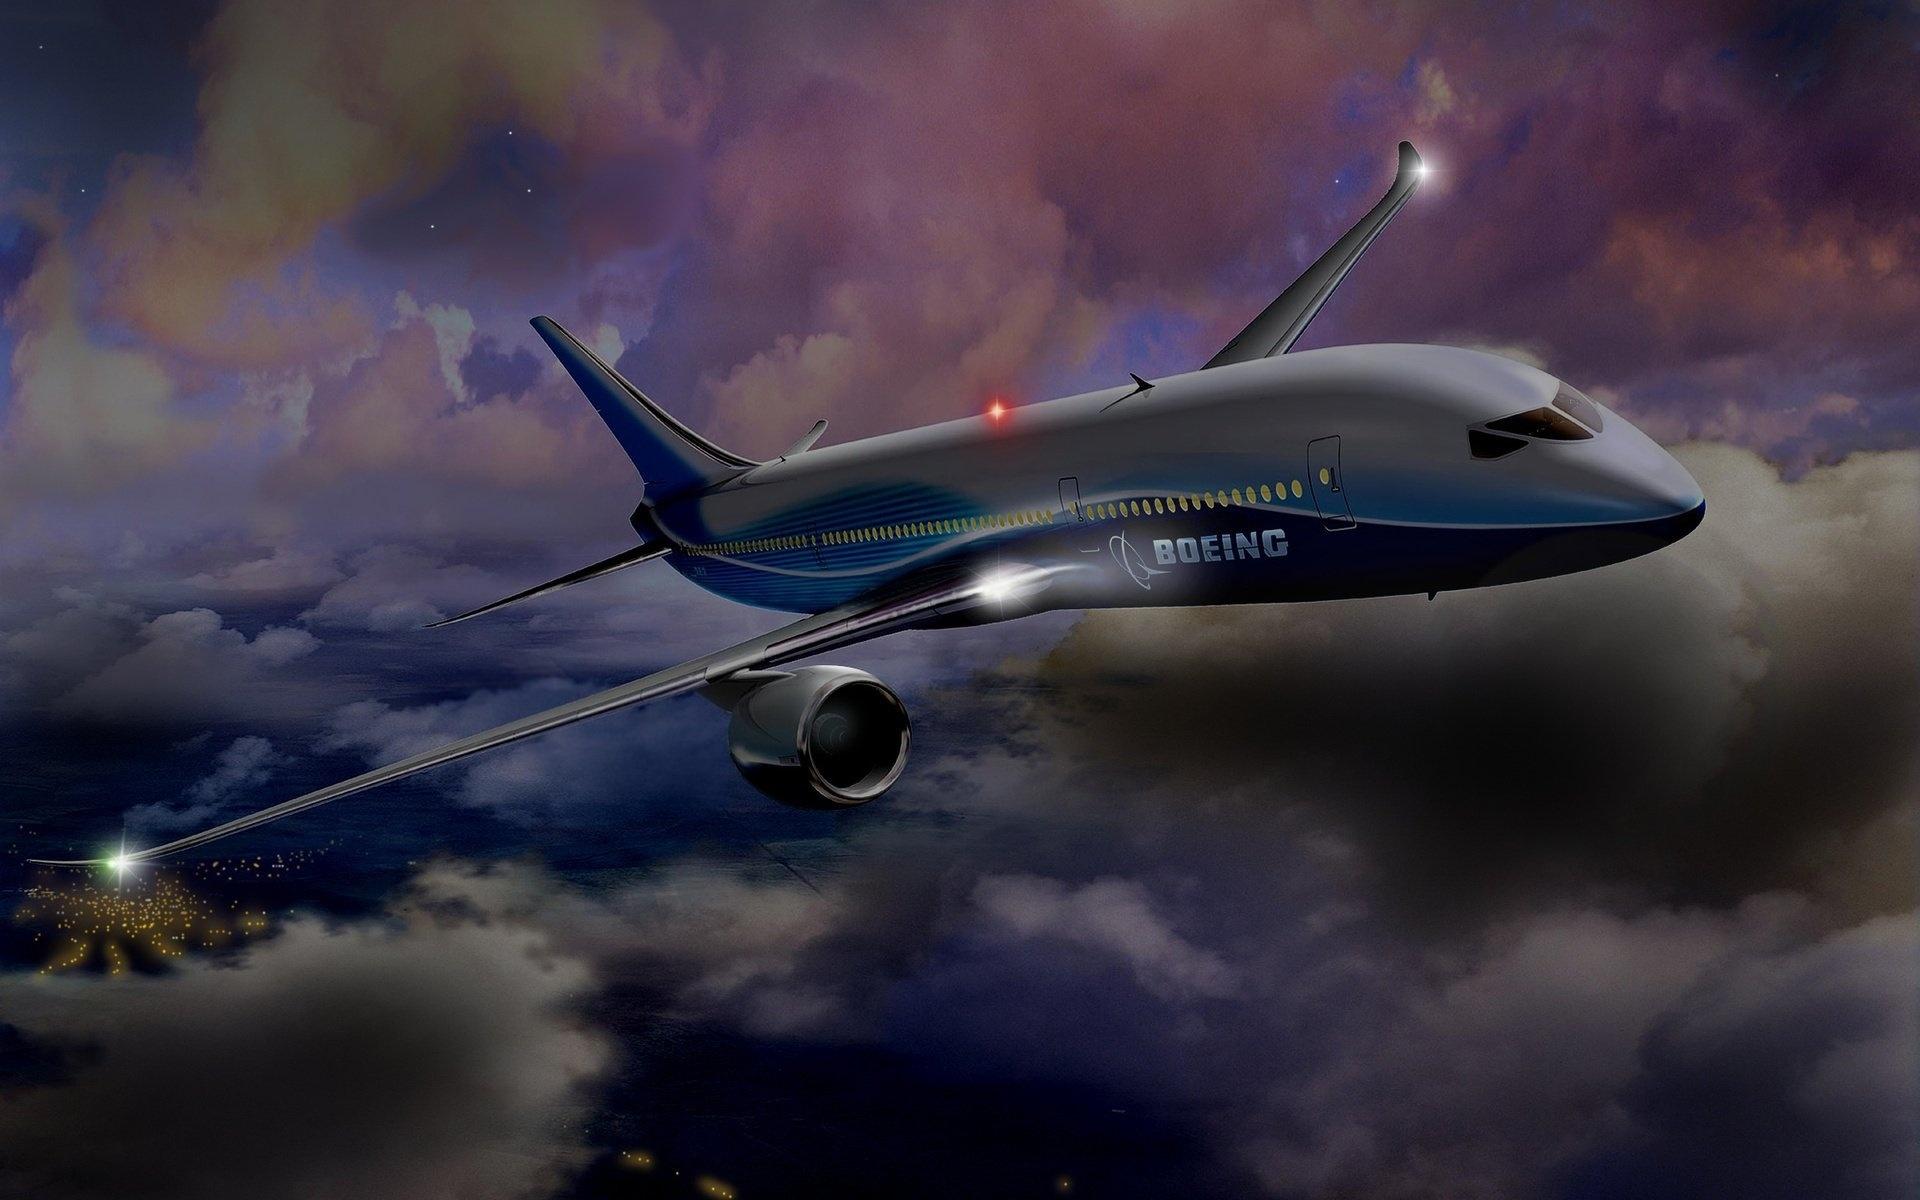 для картинки самолетов на мобильный телефон меня предположение